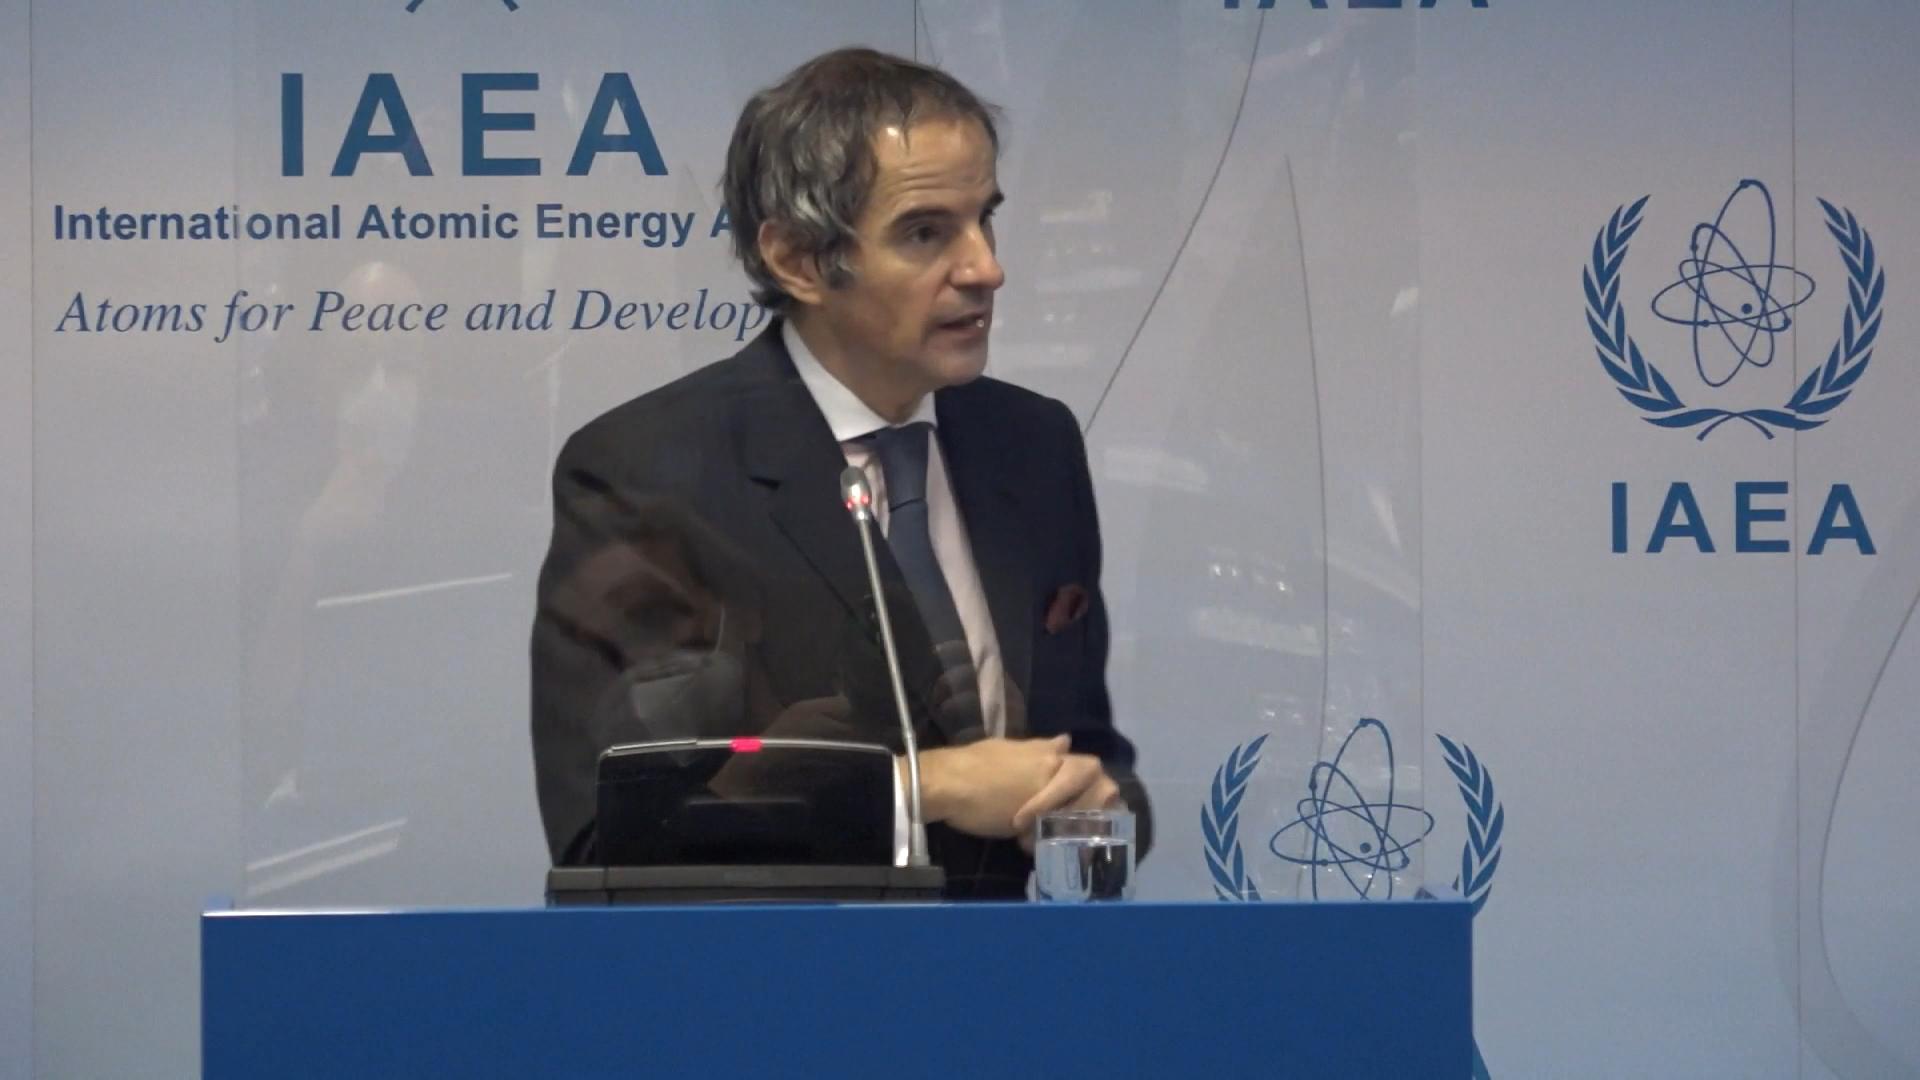 伊朗與IAEA達成協議 為恢復核談判鋪路